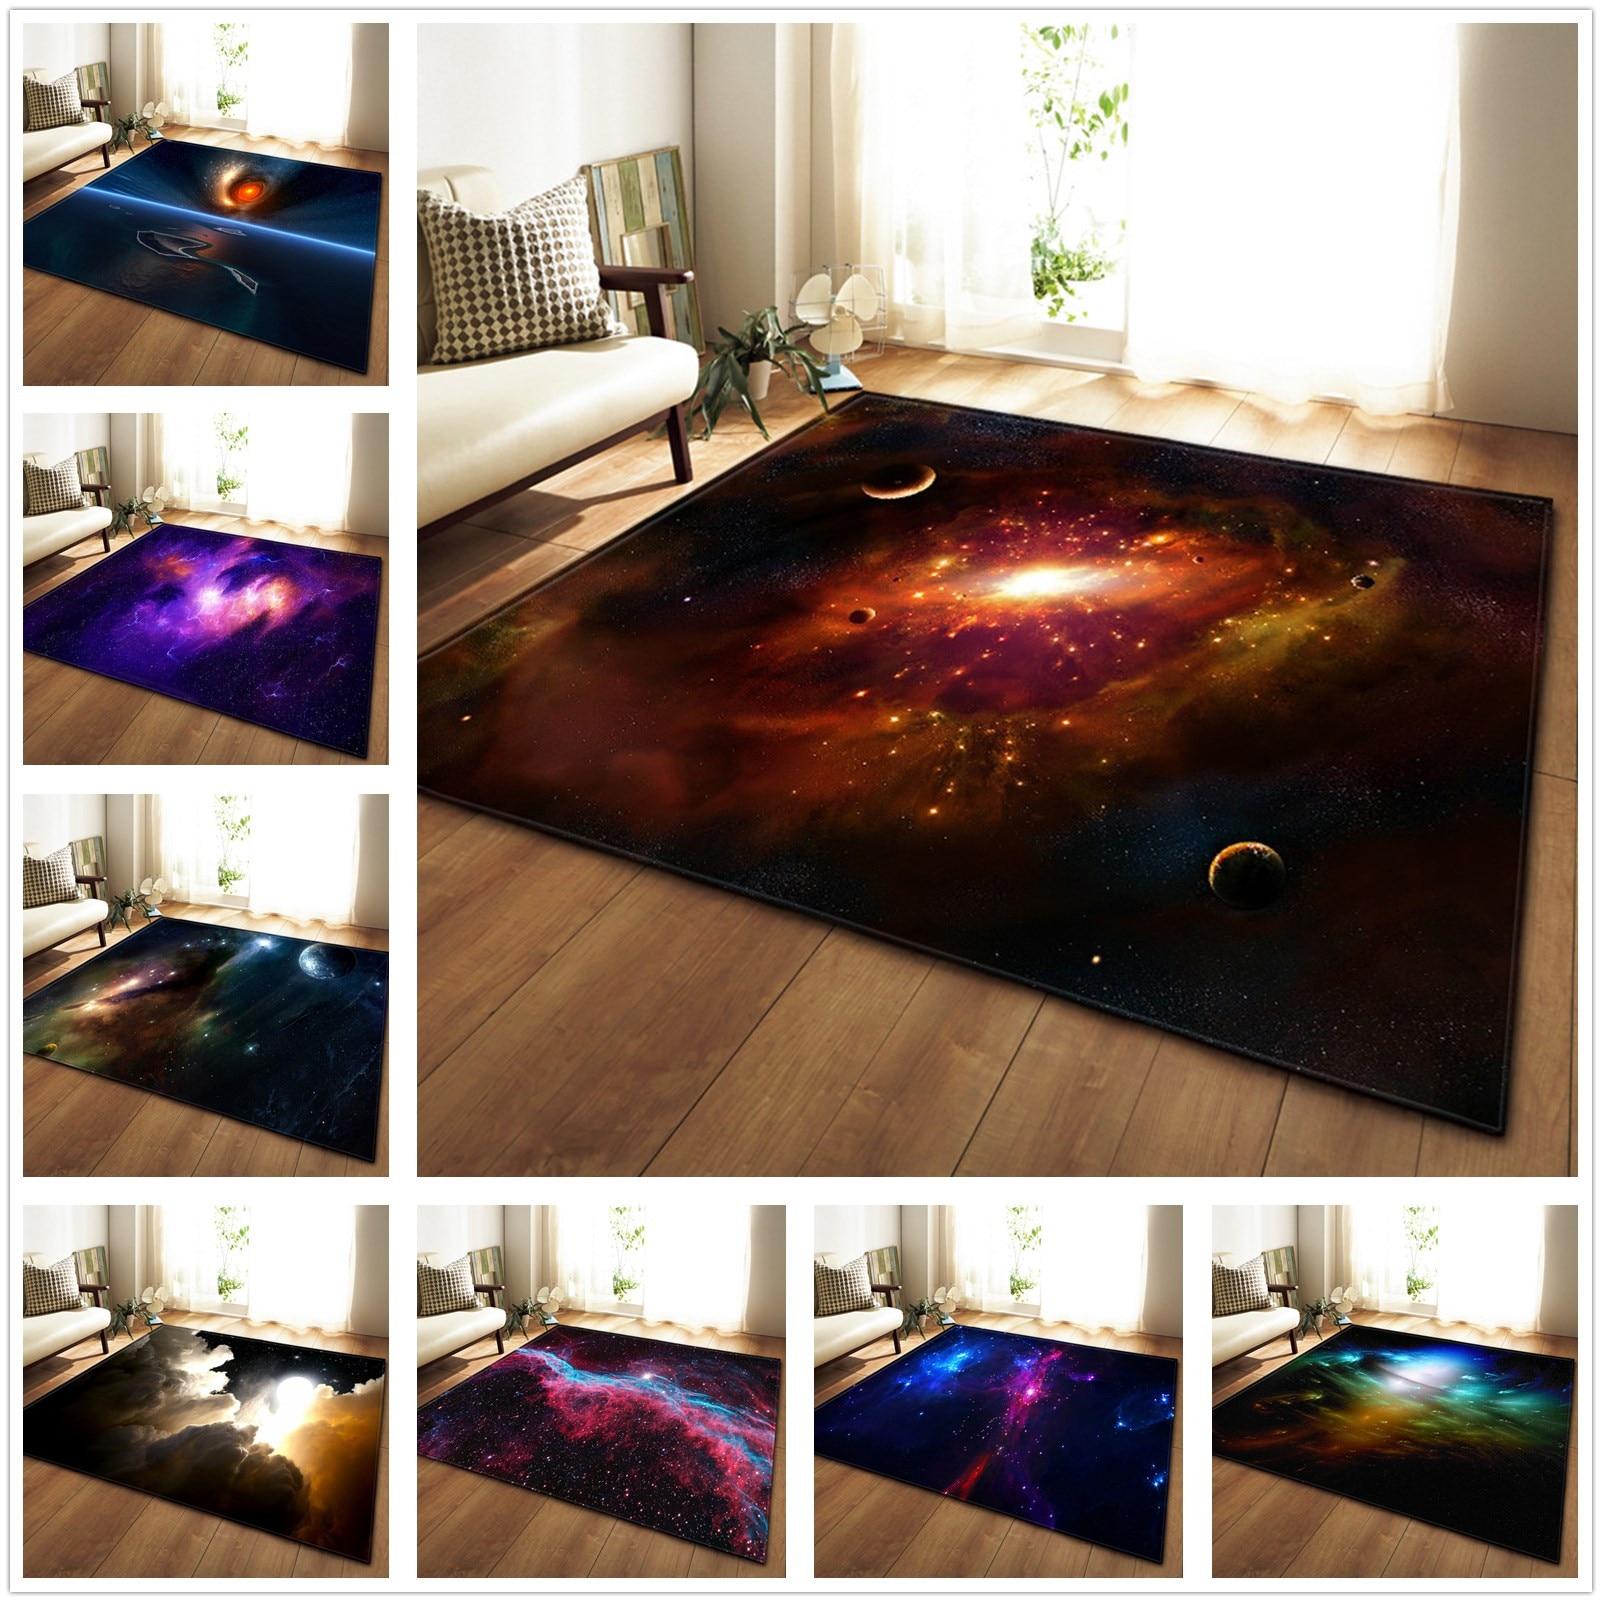 Tapis créatif univers 3D ciel étoilé motifs brillants tapis pour salon chambre chaise tapis de Table 12 couleurs salfombra